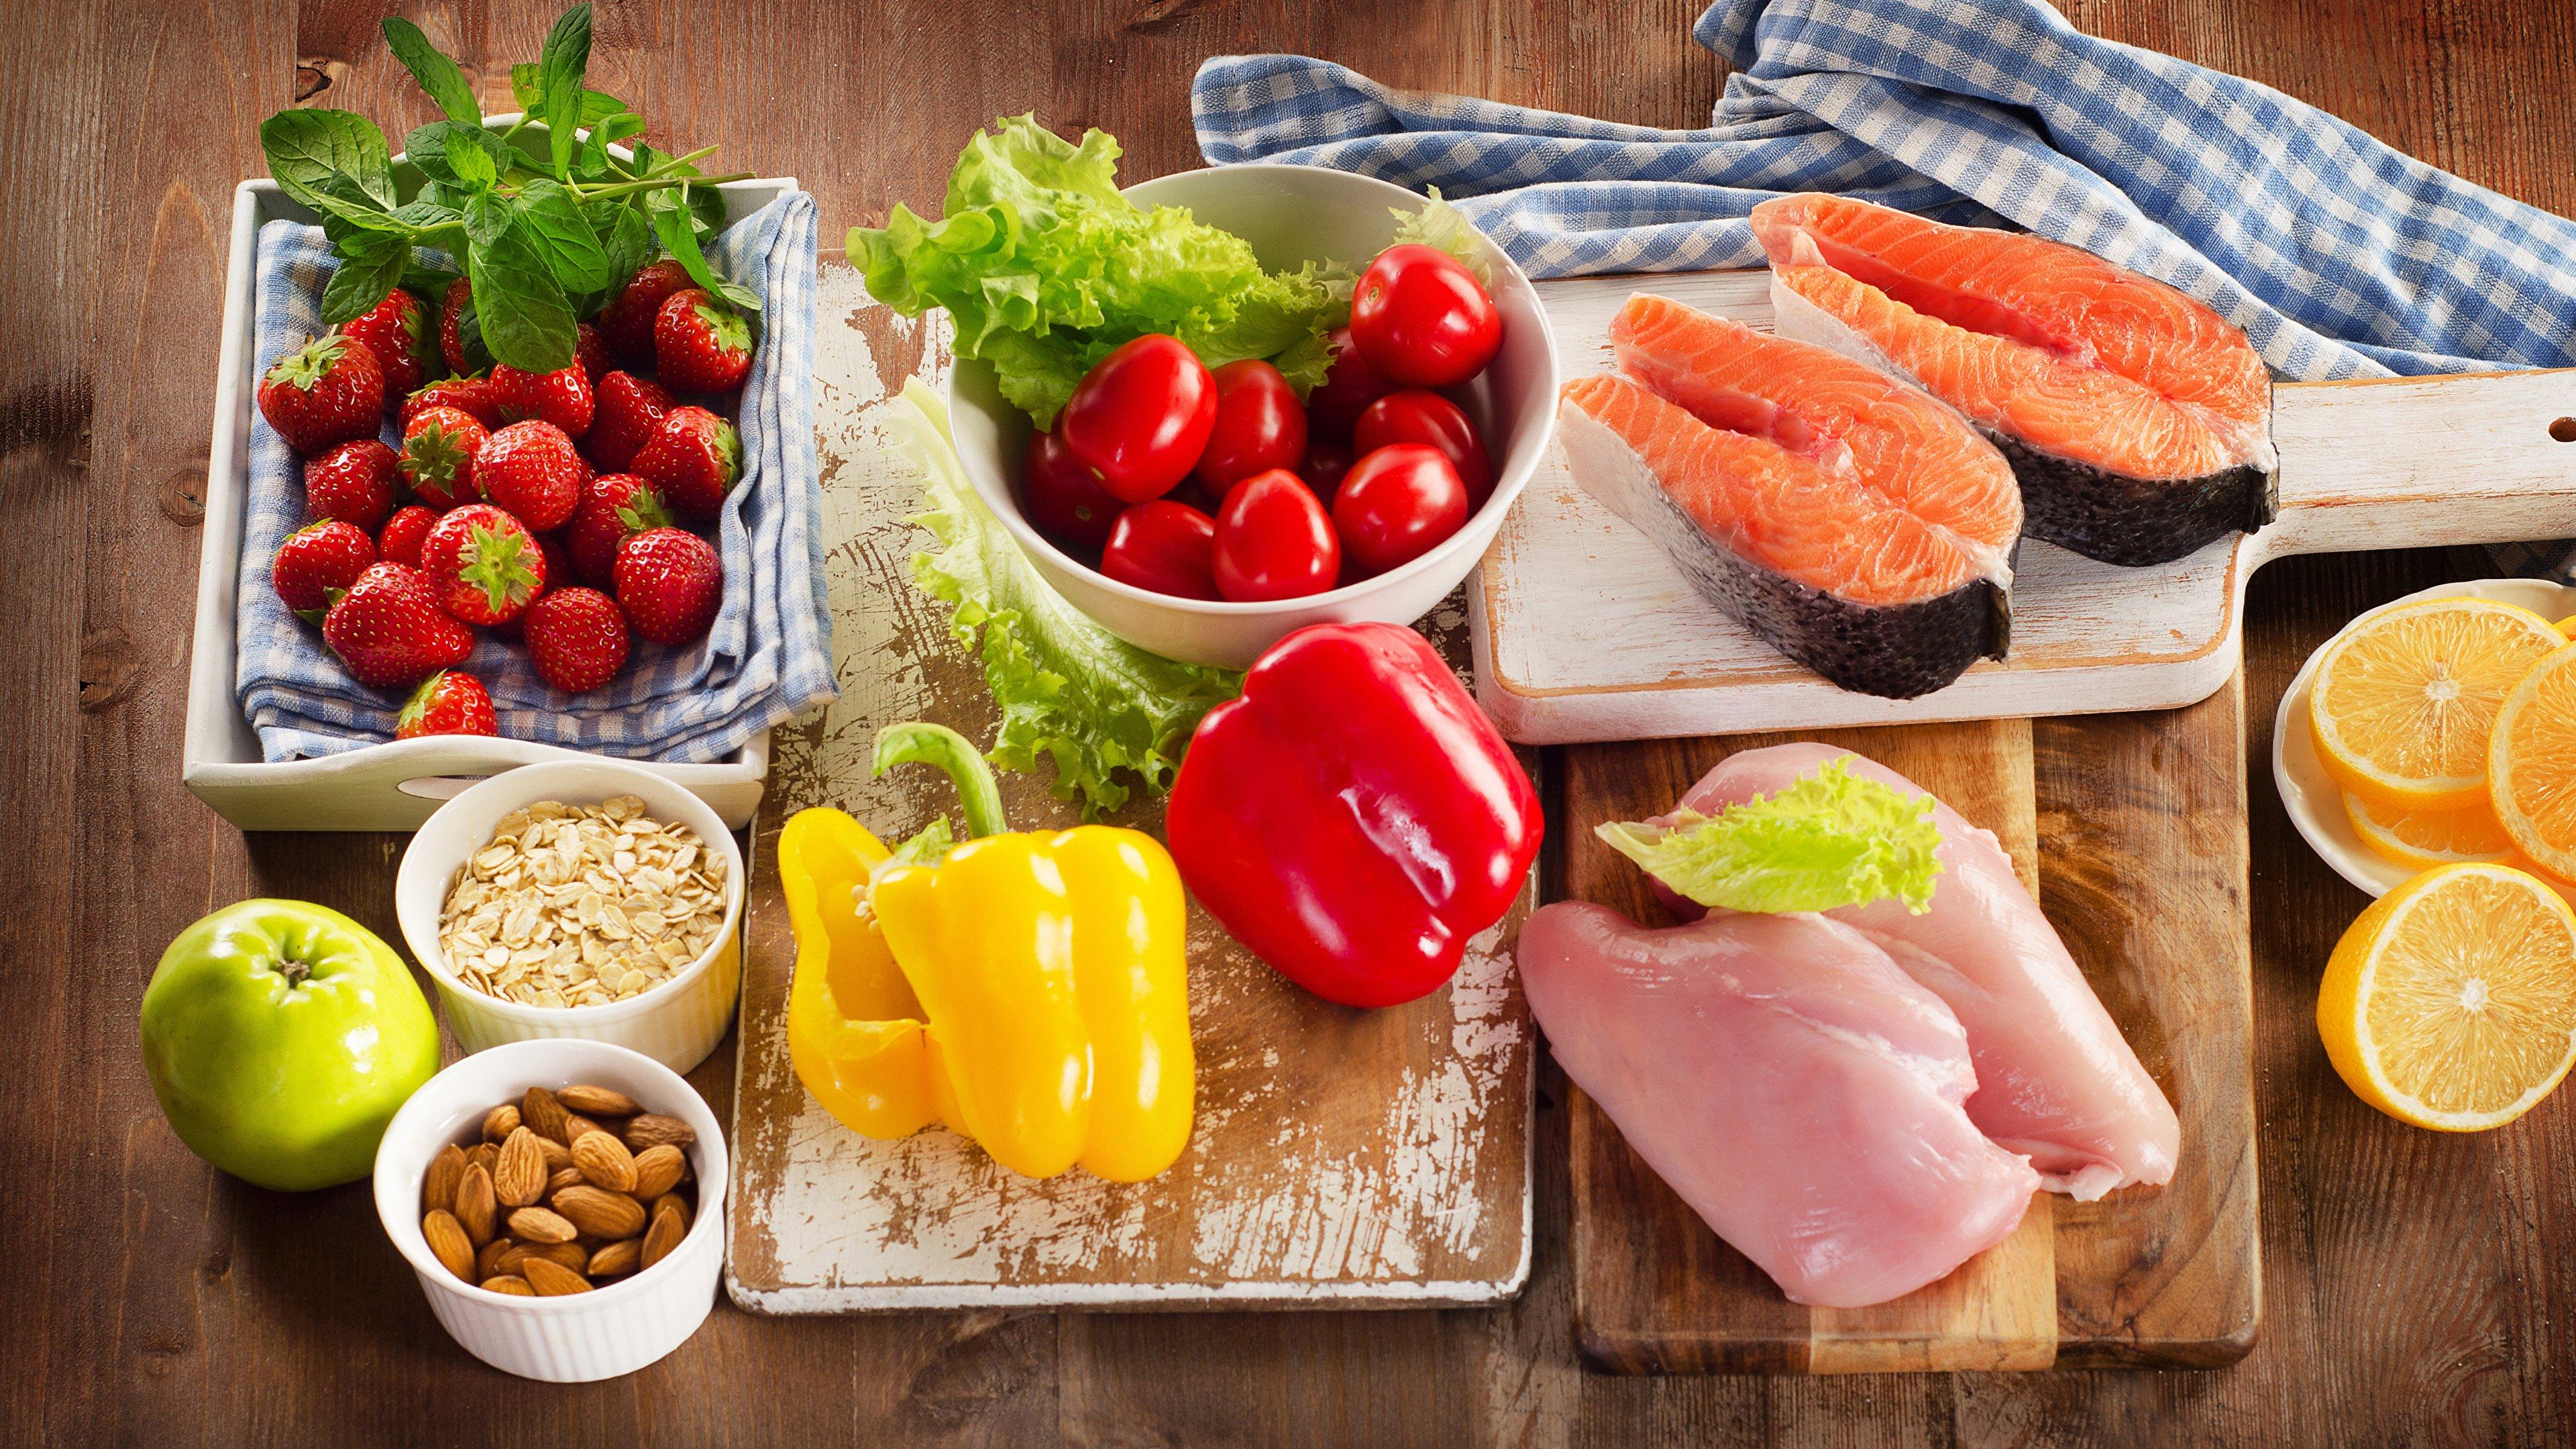 картинки еды для группы